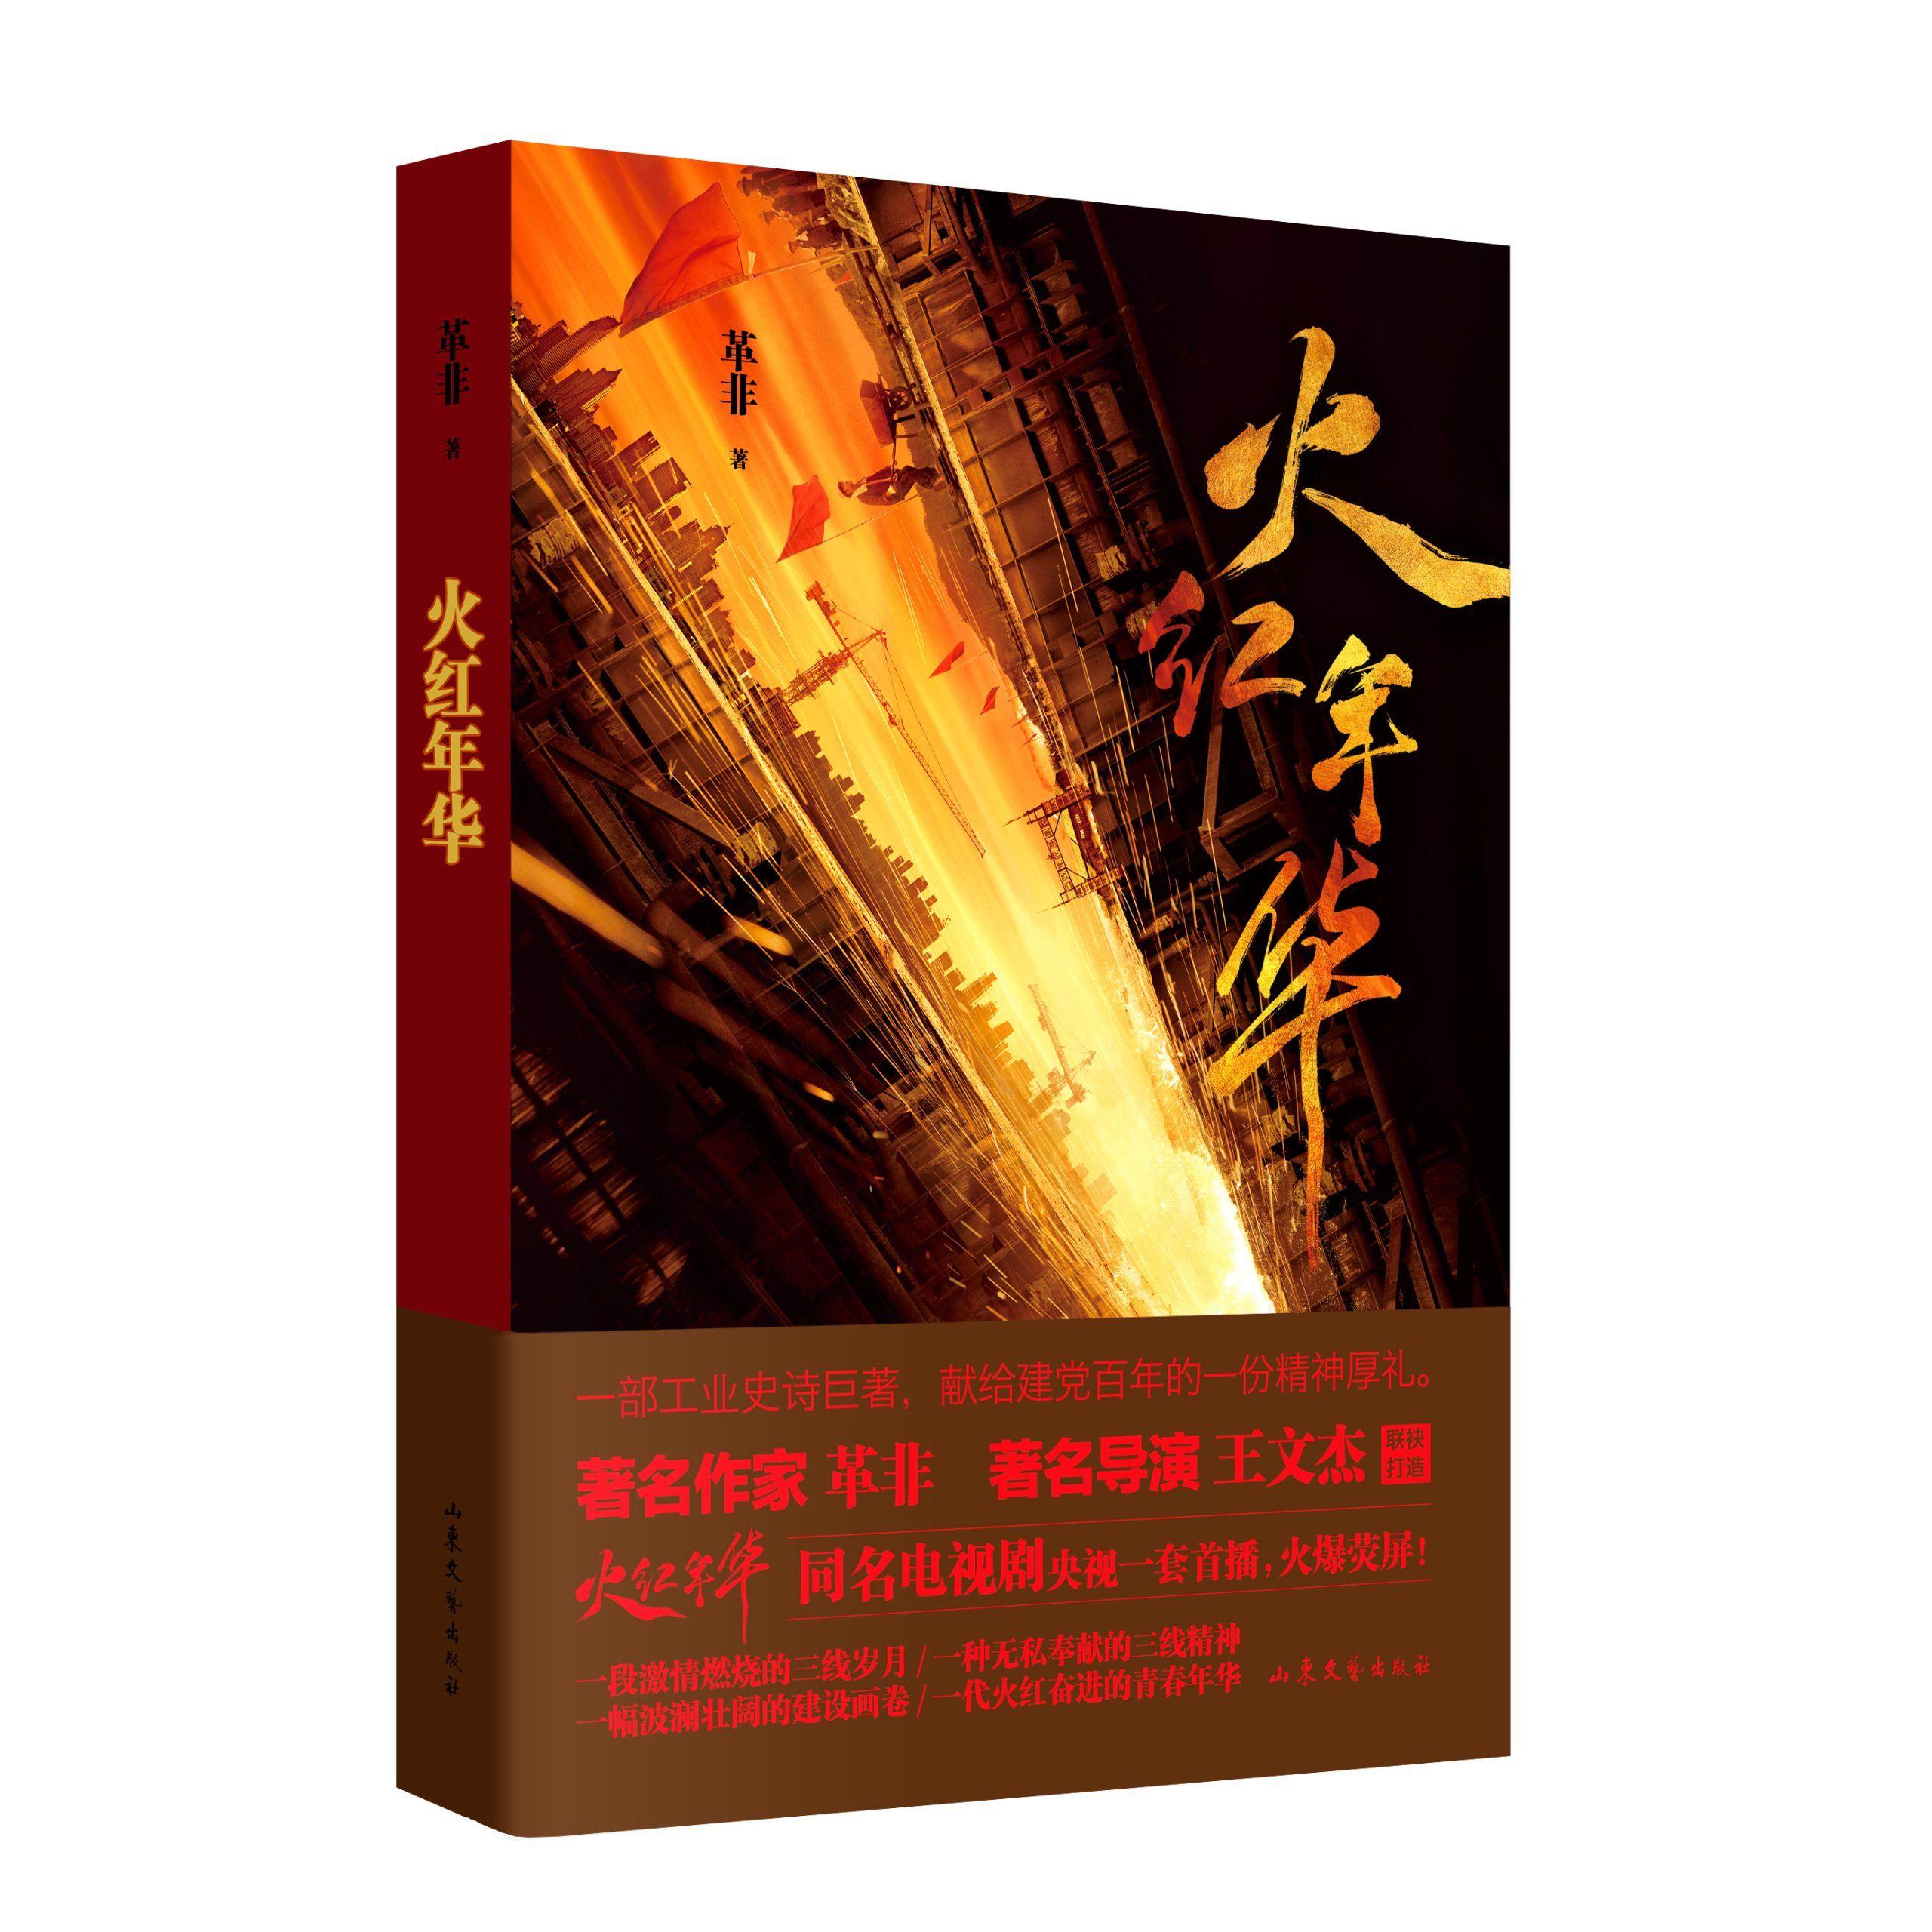 著名作家革非最新长篇小说《火红年华》出版上市